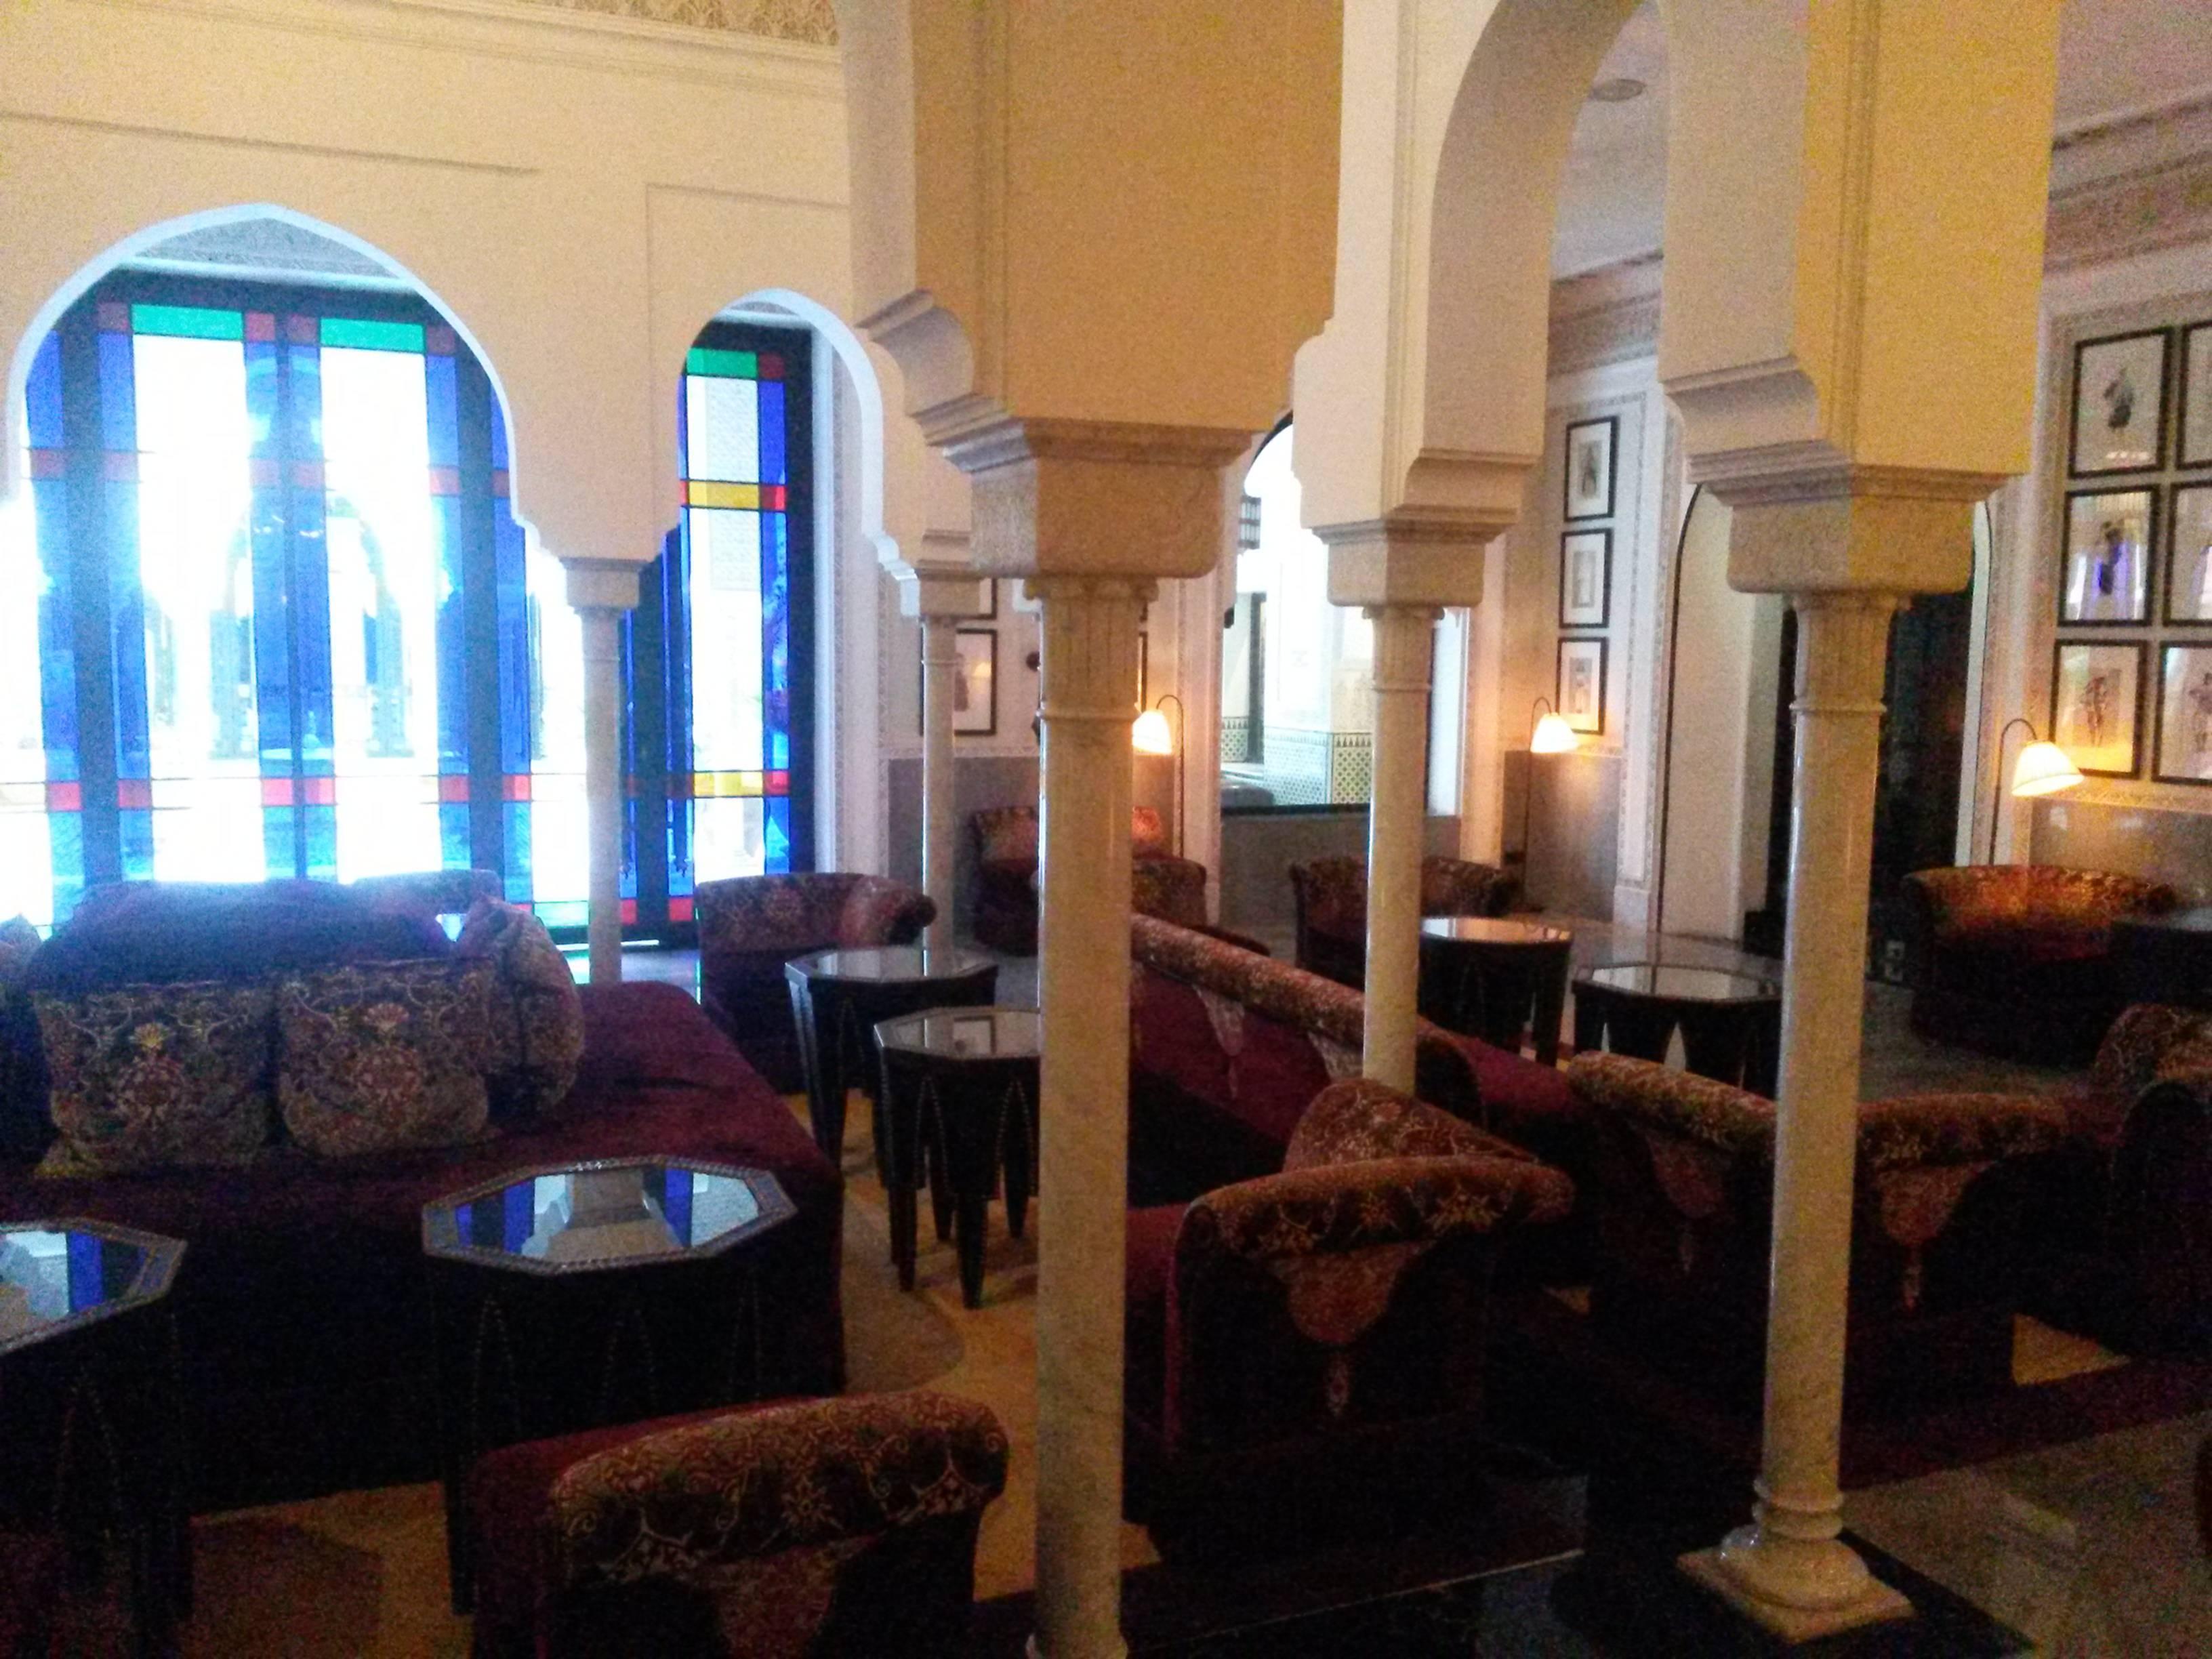 Photo 3: Un thé à l'hôtel Mamounia, cher, mais à faire!